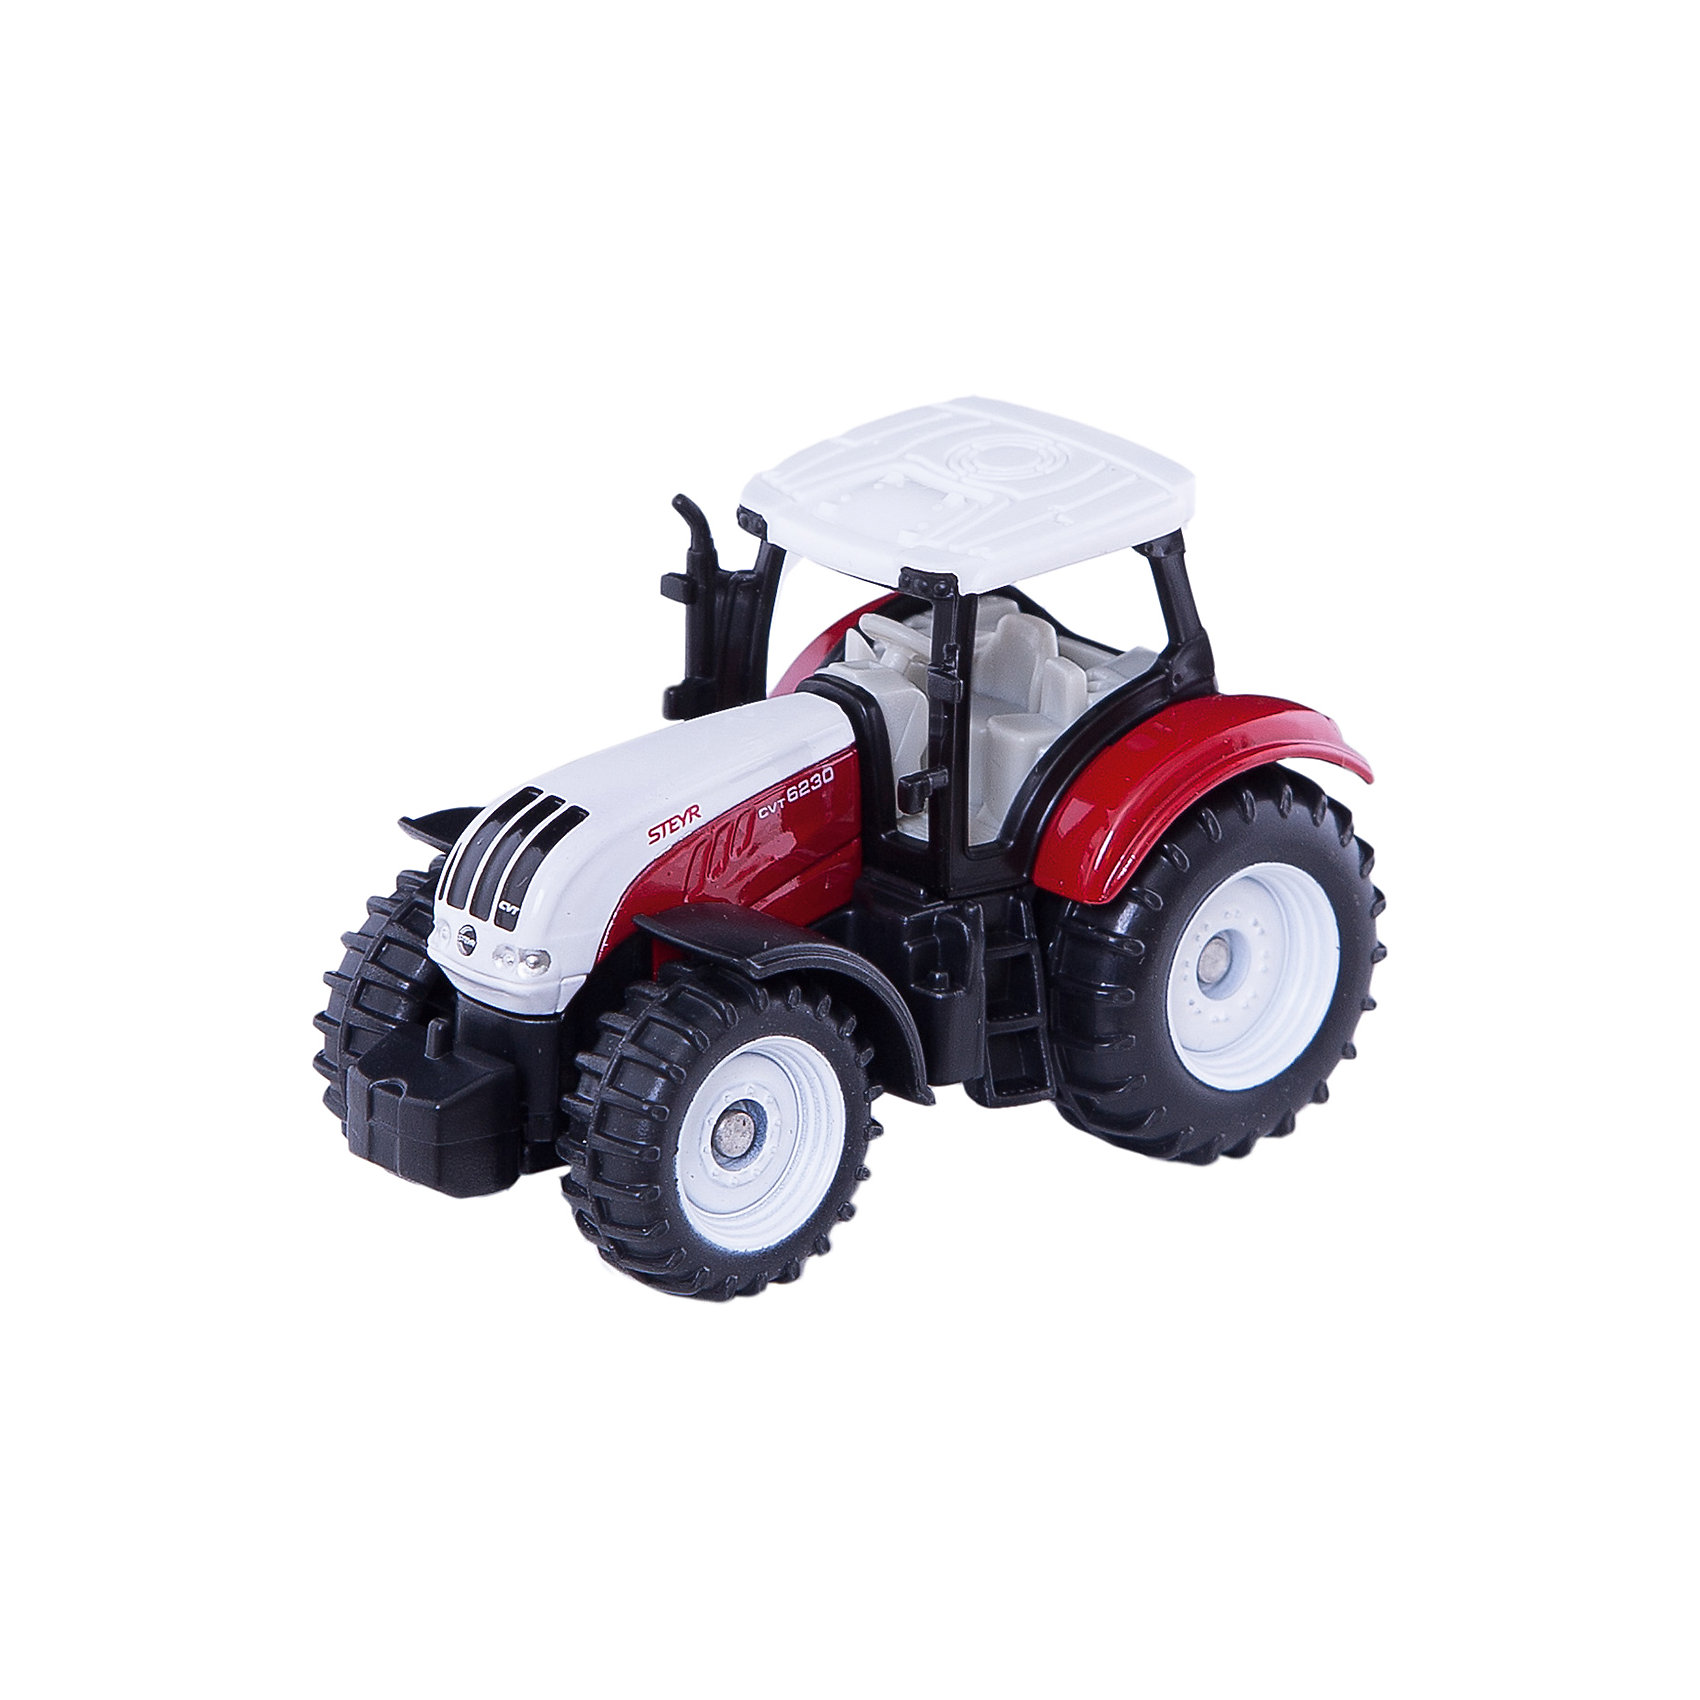 SIKU 1382 Трактор красно-белыйМашинки<br>Трактор 1382, Siku, станет прекрасным пополнением коллекции юного любителя техники. Модель является точной копией настоящего маневренного трактора-погрузчика Steyr и отличается высокой степенью детализации и тщательной проработкой всех элементов. Множество реалистичных деталей, таких как сиденье с рулем в съемной кабине водителя, выхлопная труба, лесенка в кабину делают игру с машиной еще интереснее и позволяют воспроизвести сценки из деревенской жизни. Мощные подвижные колеса с рифлеными шинами обеспечивают трактору хорошую проходимость по любой поверхности. Корпус модели выполнен из металла, детали изготовлены из ударопрочной пластмассы.<br><br>Дополнительная информация:<br><br>- Материал: металл, пластик.<br>- Размер: 3,8 x 9,7 x 7,8 см.<br>- Вес: 41 гр.<br><br>1382 Трактор красно-белый, Siku, можно купить в нашем интернет-магазине.<br><br>Ширина мм: 95<br>Глубина мм: 81<br>Высота мм: 38<br>Вес г: 45<br>Возраст от месяцев: 36<br>Возраст до месяцев: 96<br>Пол: Мужской<br>Возраст: Детский<br>SKU: 3550864